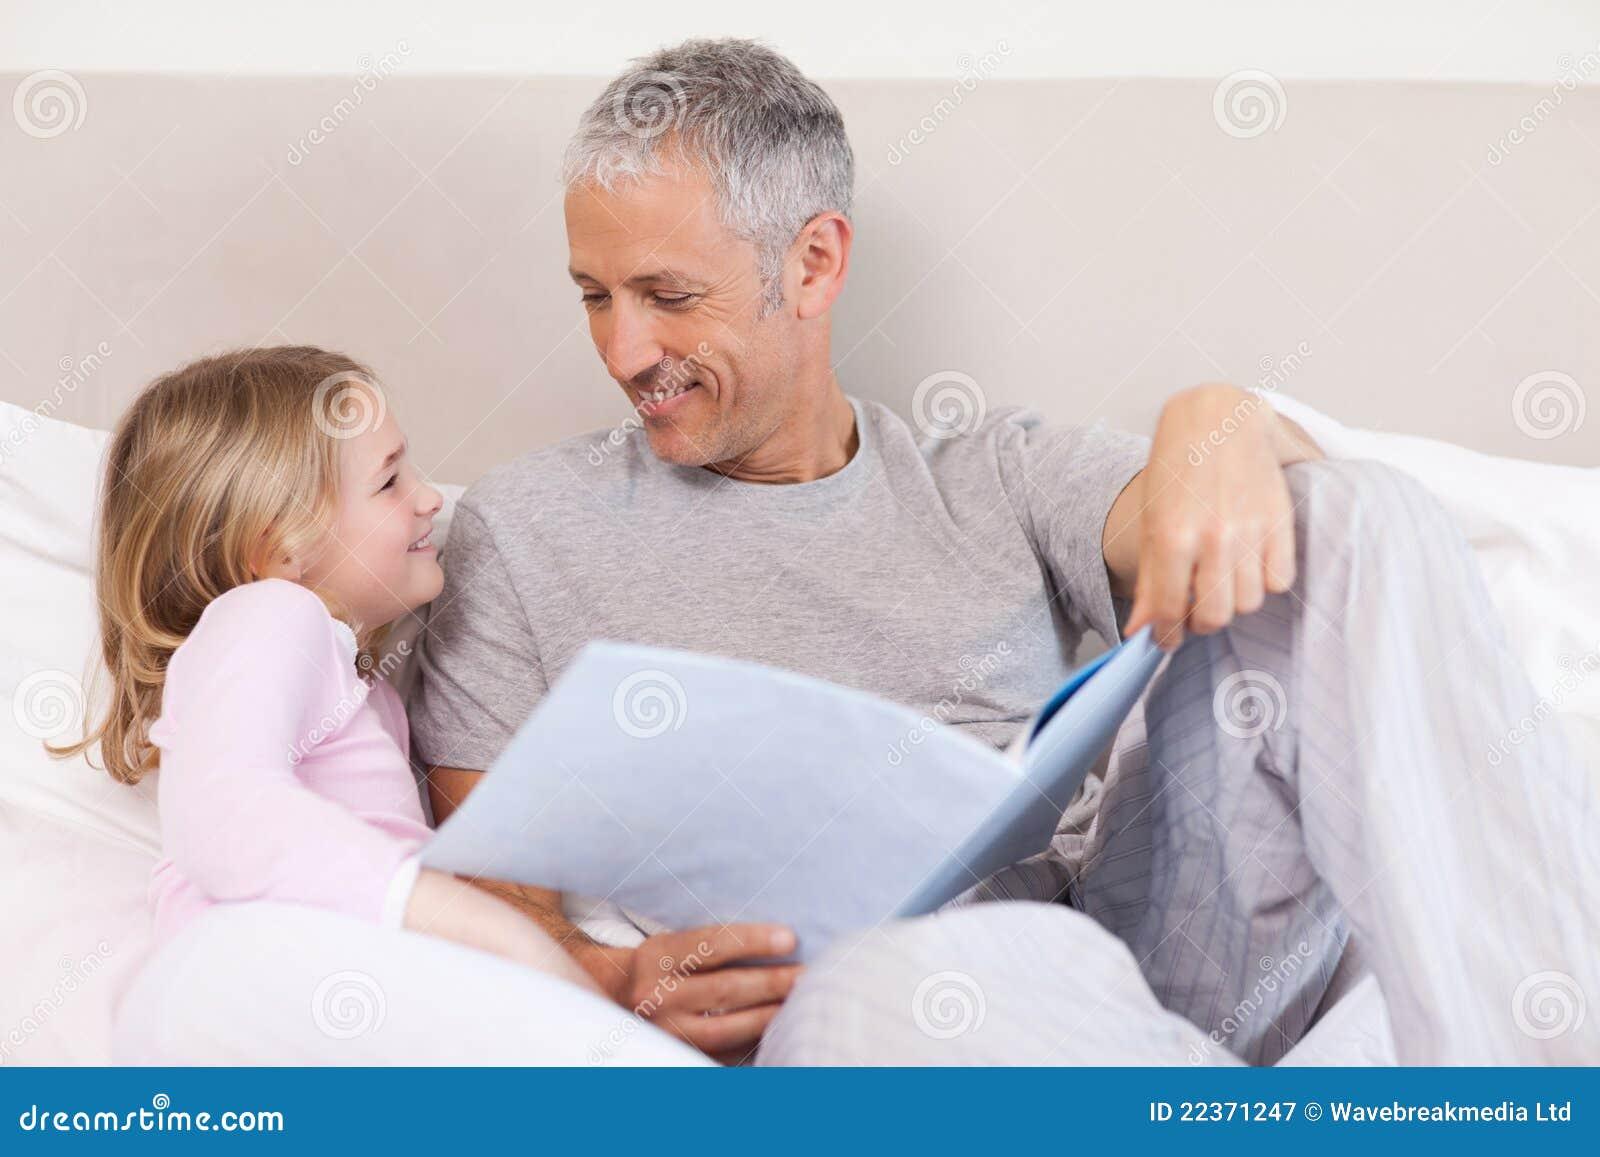 Читать истории отец и дочь 1 фотография